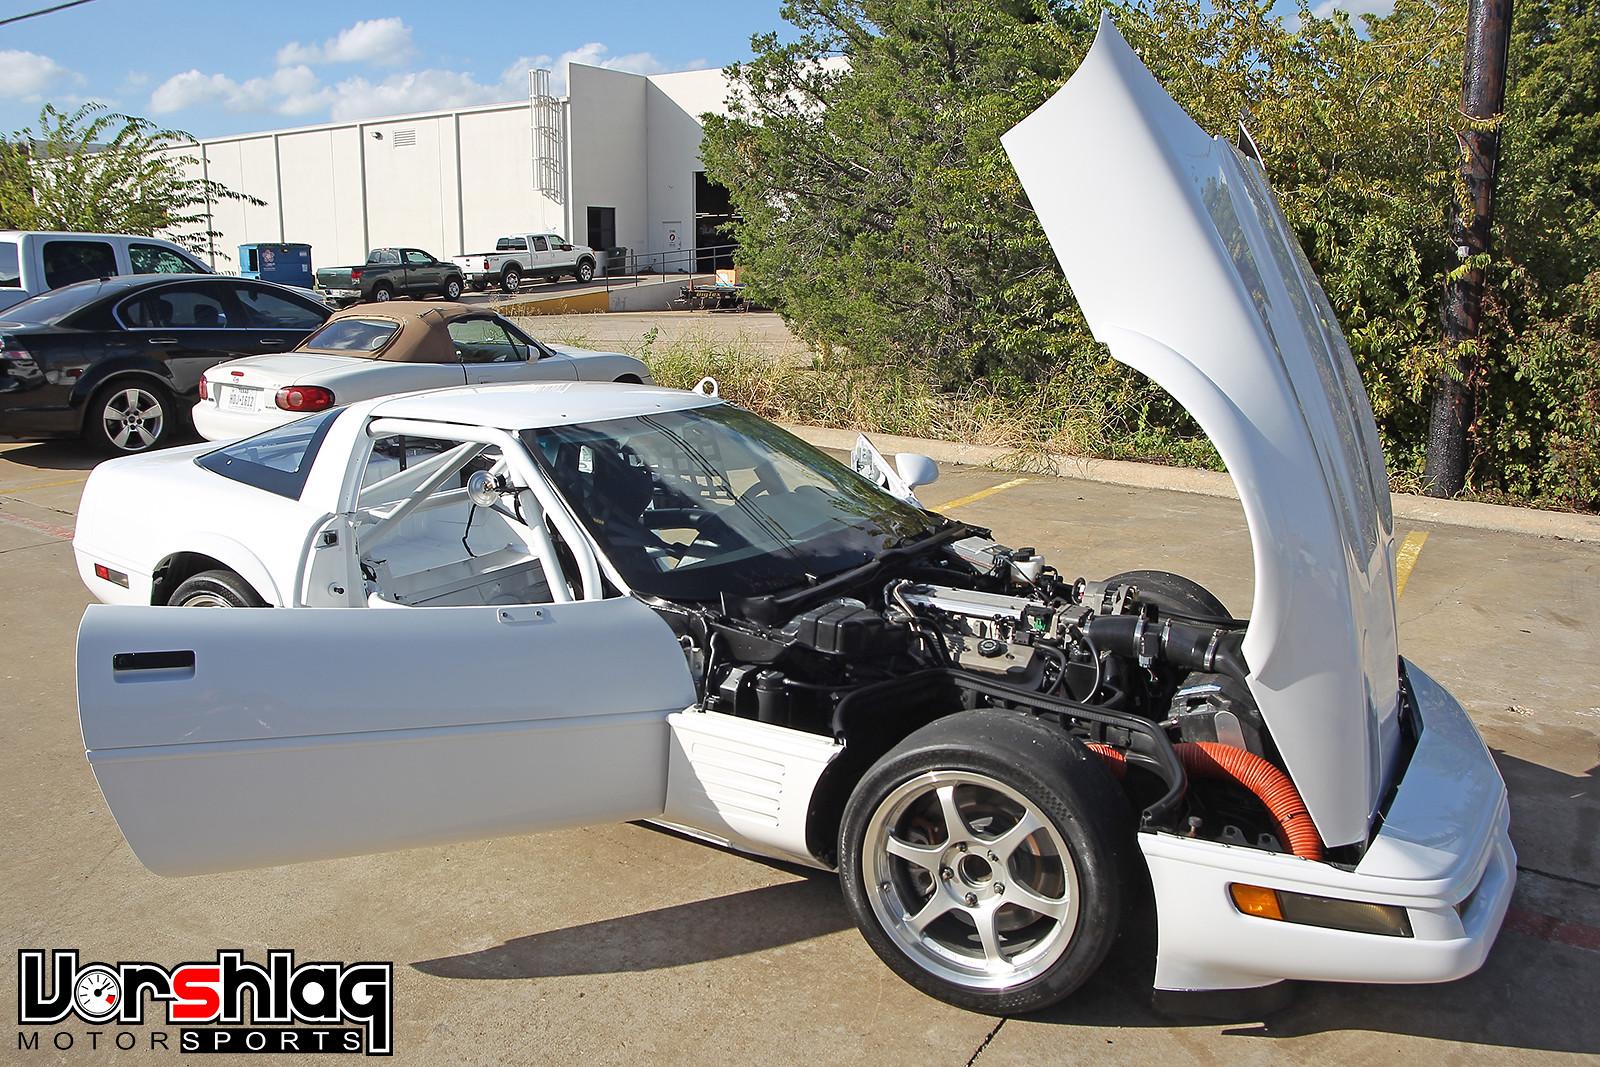 1992 Chevrolet Corvette hood open